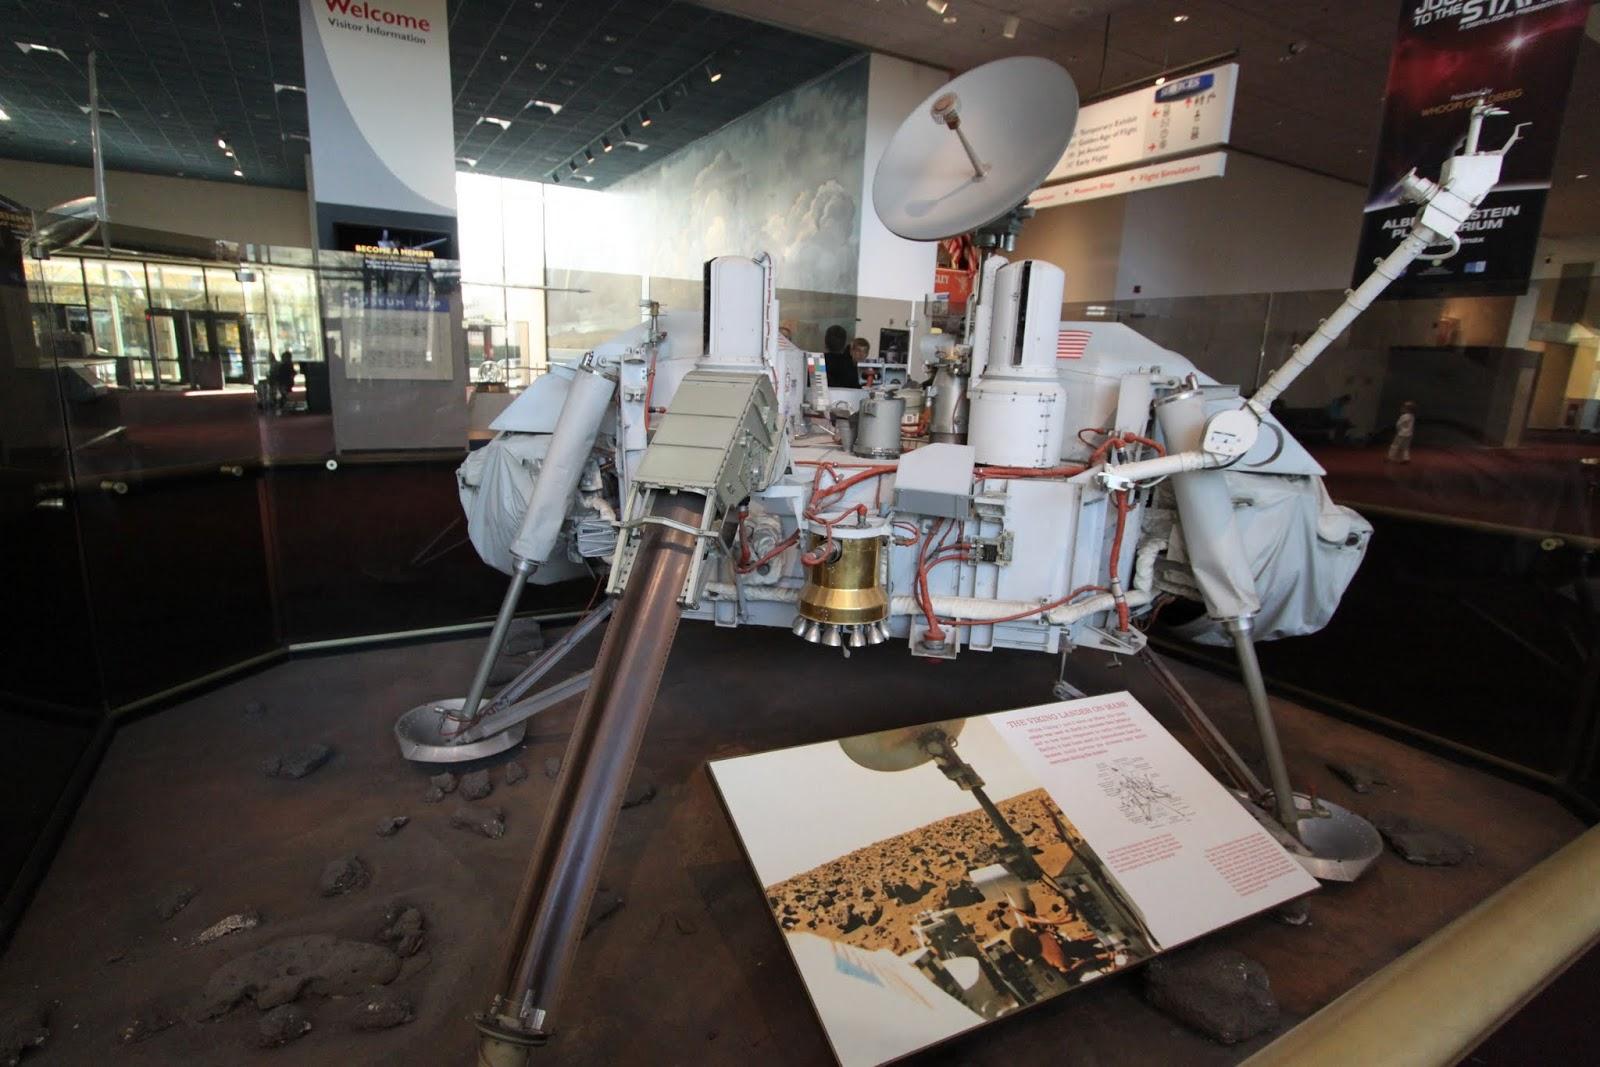 washington space museum apollo - photo #49